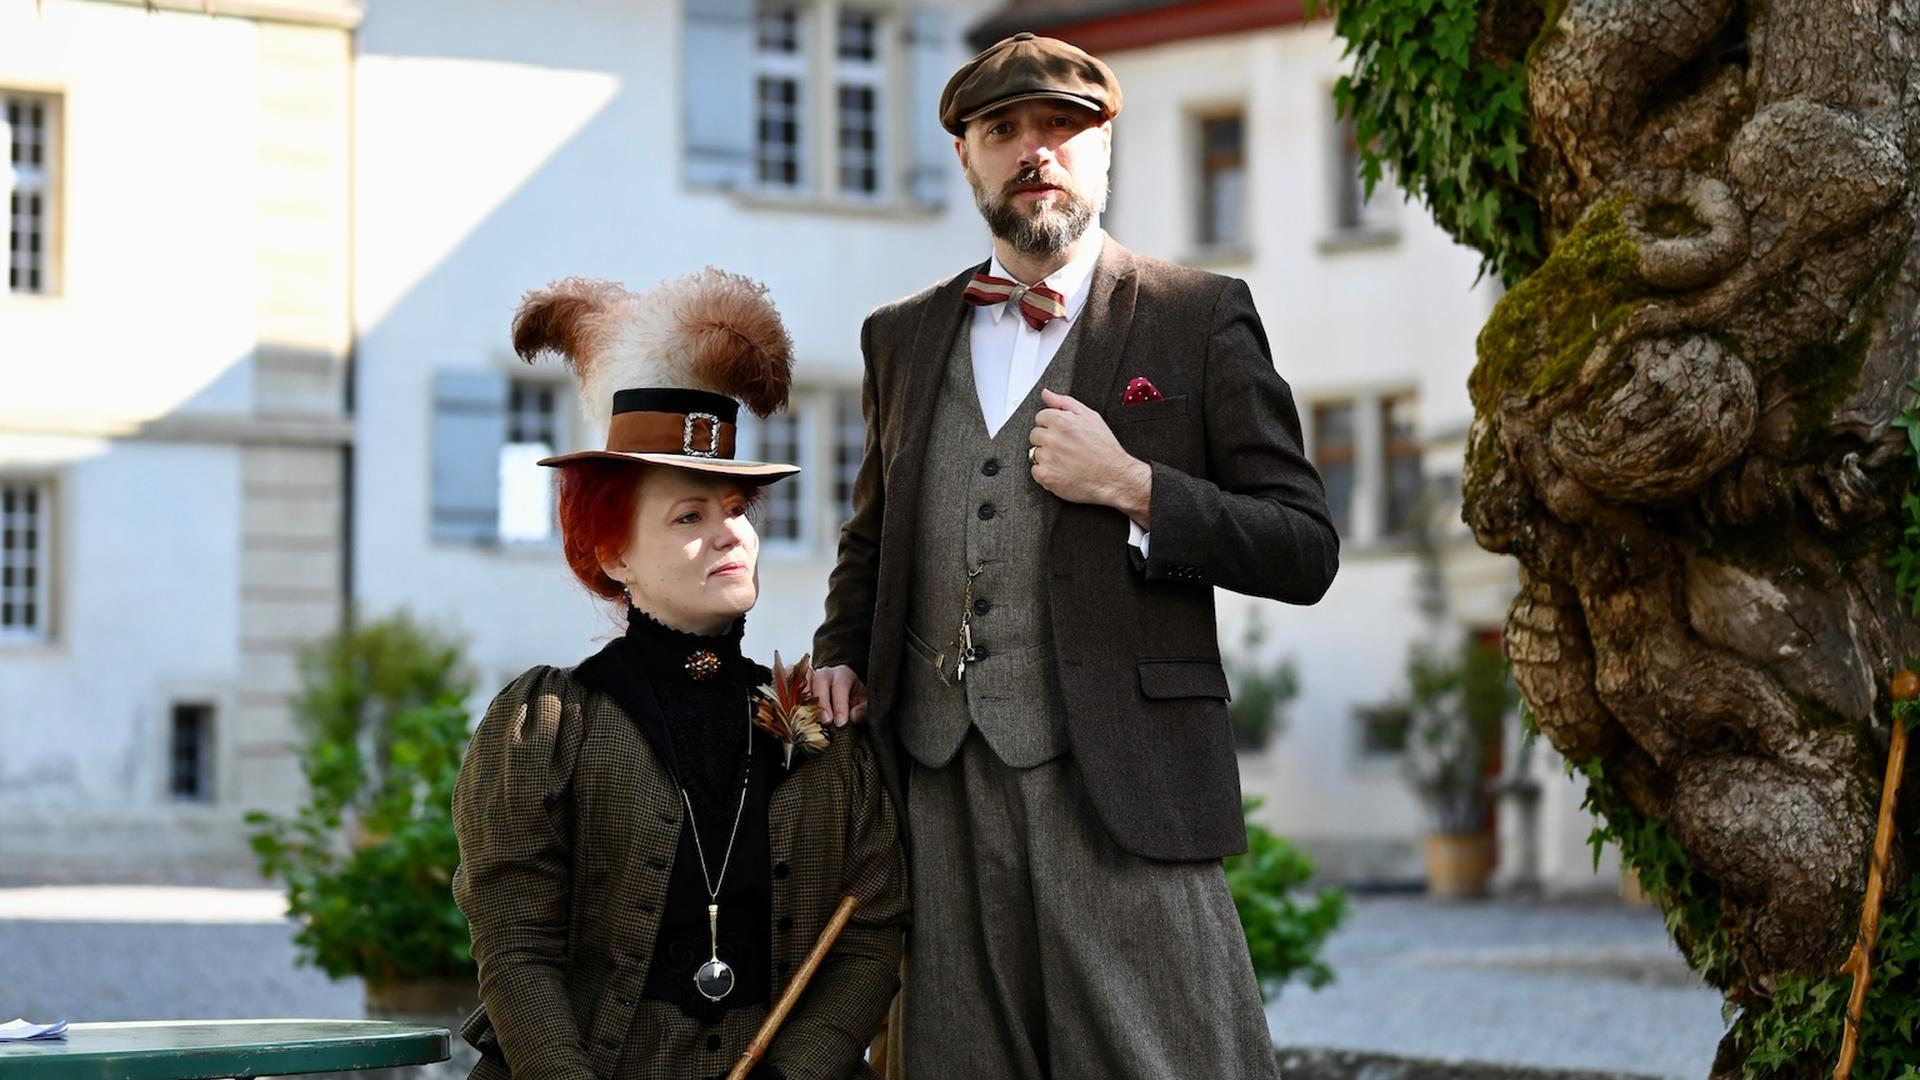 Zwei historisch gekleidete Personen im Hof von Schloss Lenzburg.